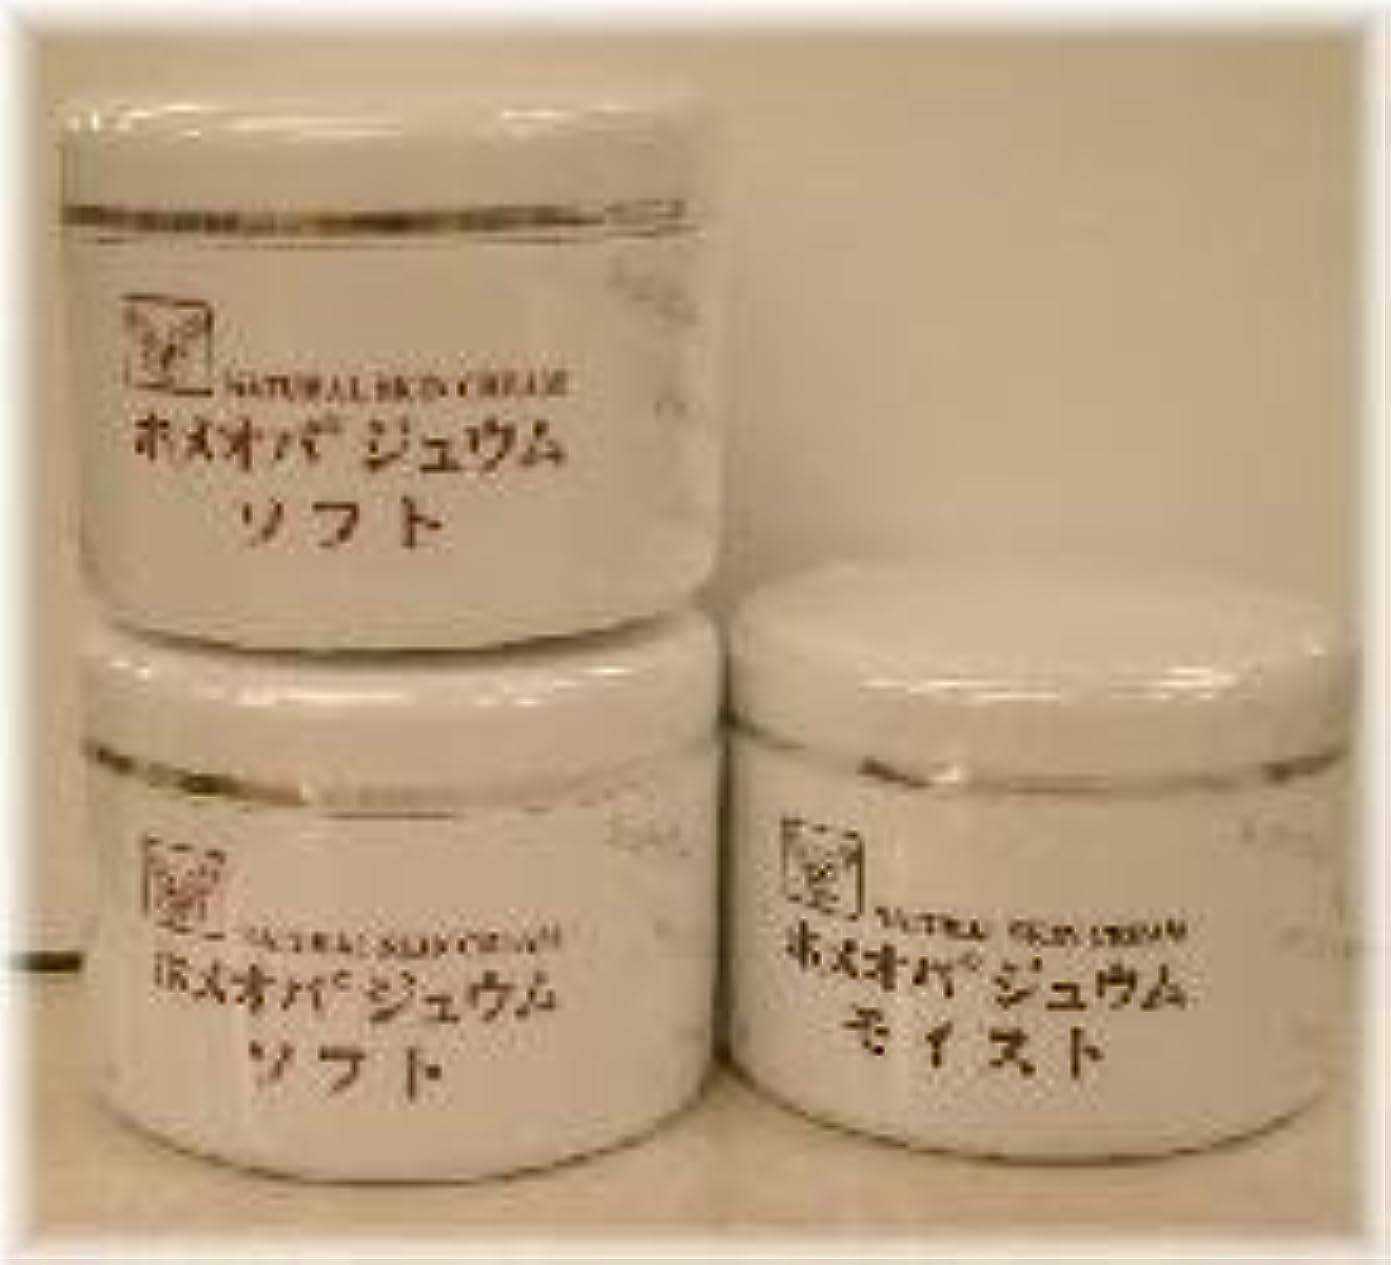 無人ほとんどない手荷物ホメオパジュウム スキンケア商品3点 ¥10500クリームソフト2個+クリームモイスト